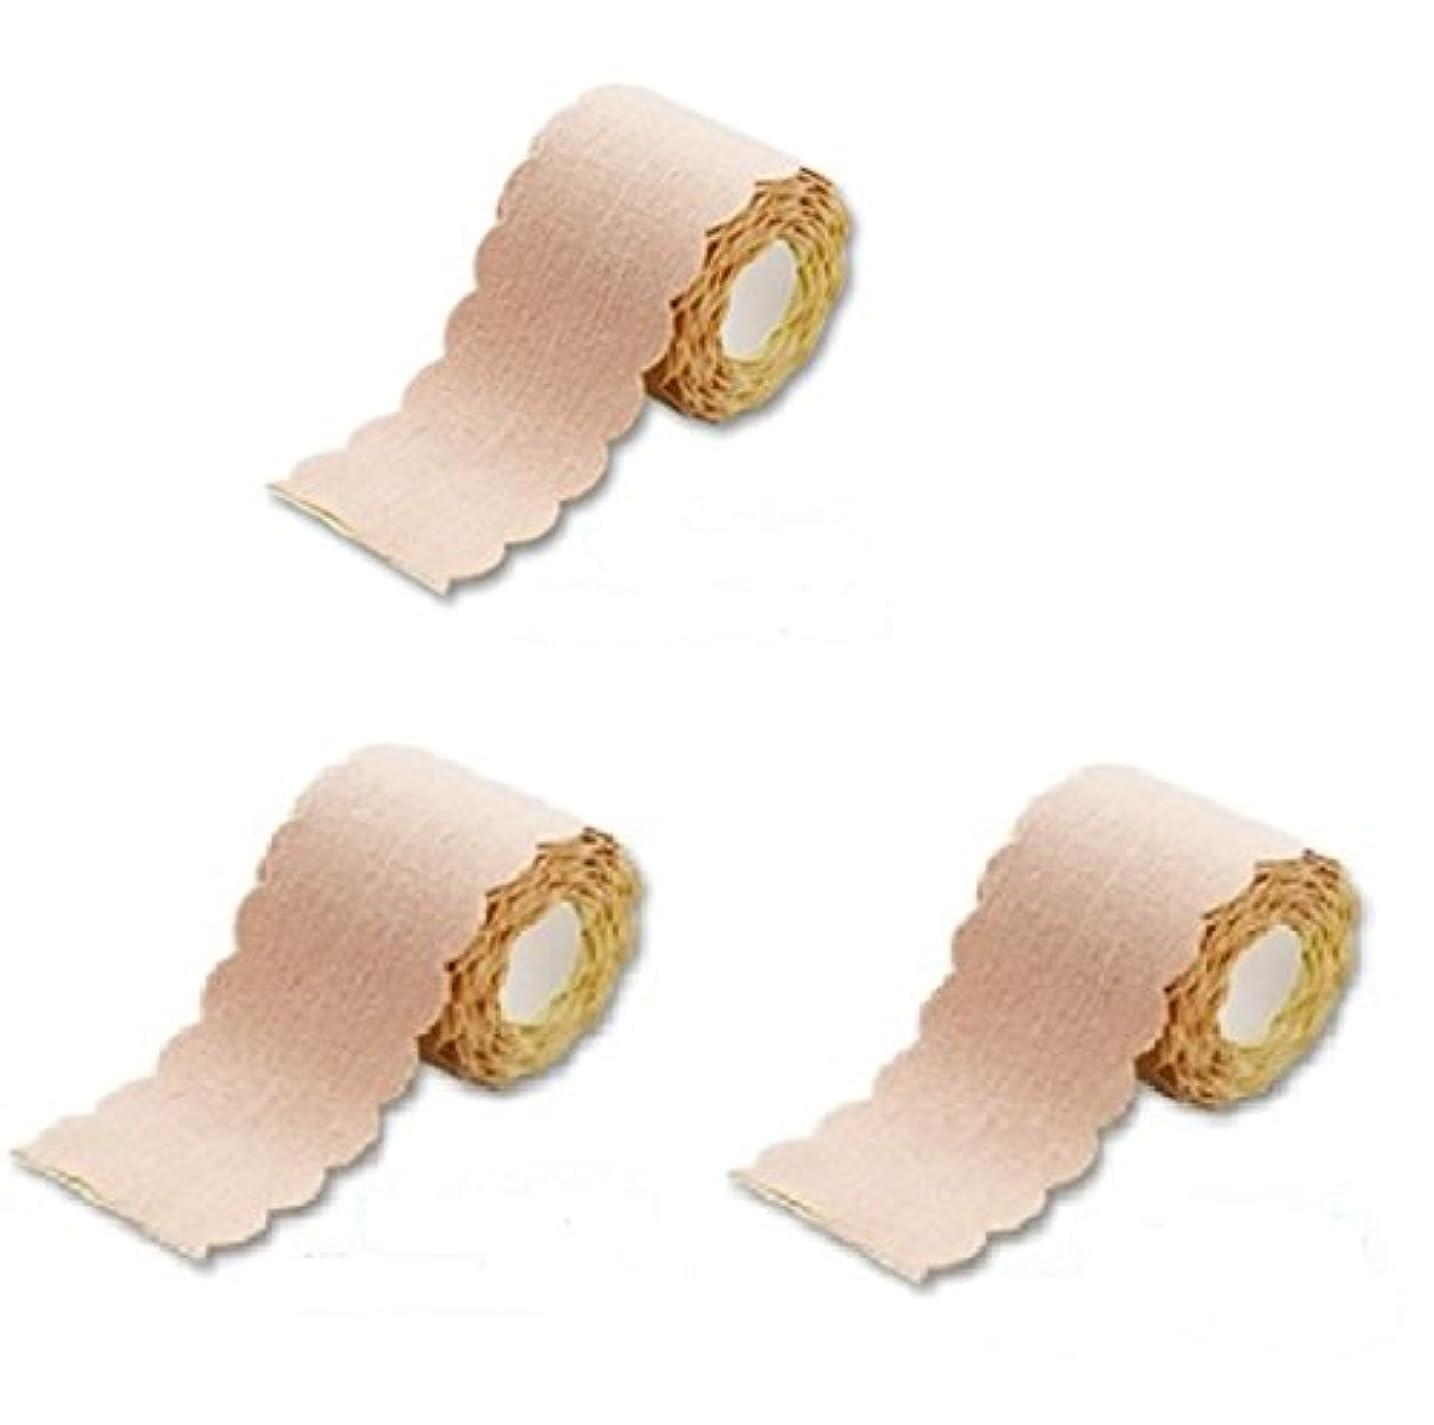 ティッシュふつう不安定直接貼るからズレない汗シート! 汗取りパッド ワキに直接貼る汗とりシート ロールタイプ 3m×3個セット (たっぷり9m 特別お得セット)まとめ割 脇汗ジミ わき汗 対策